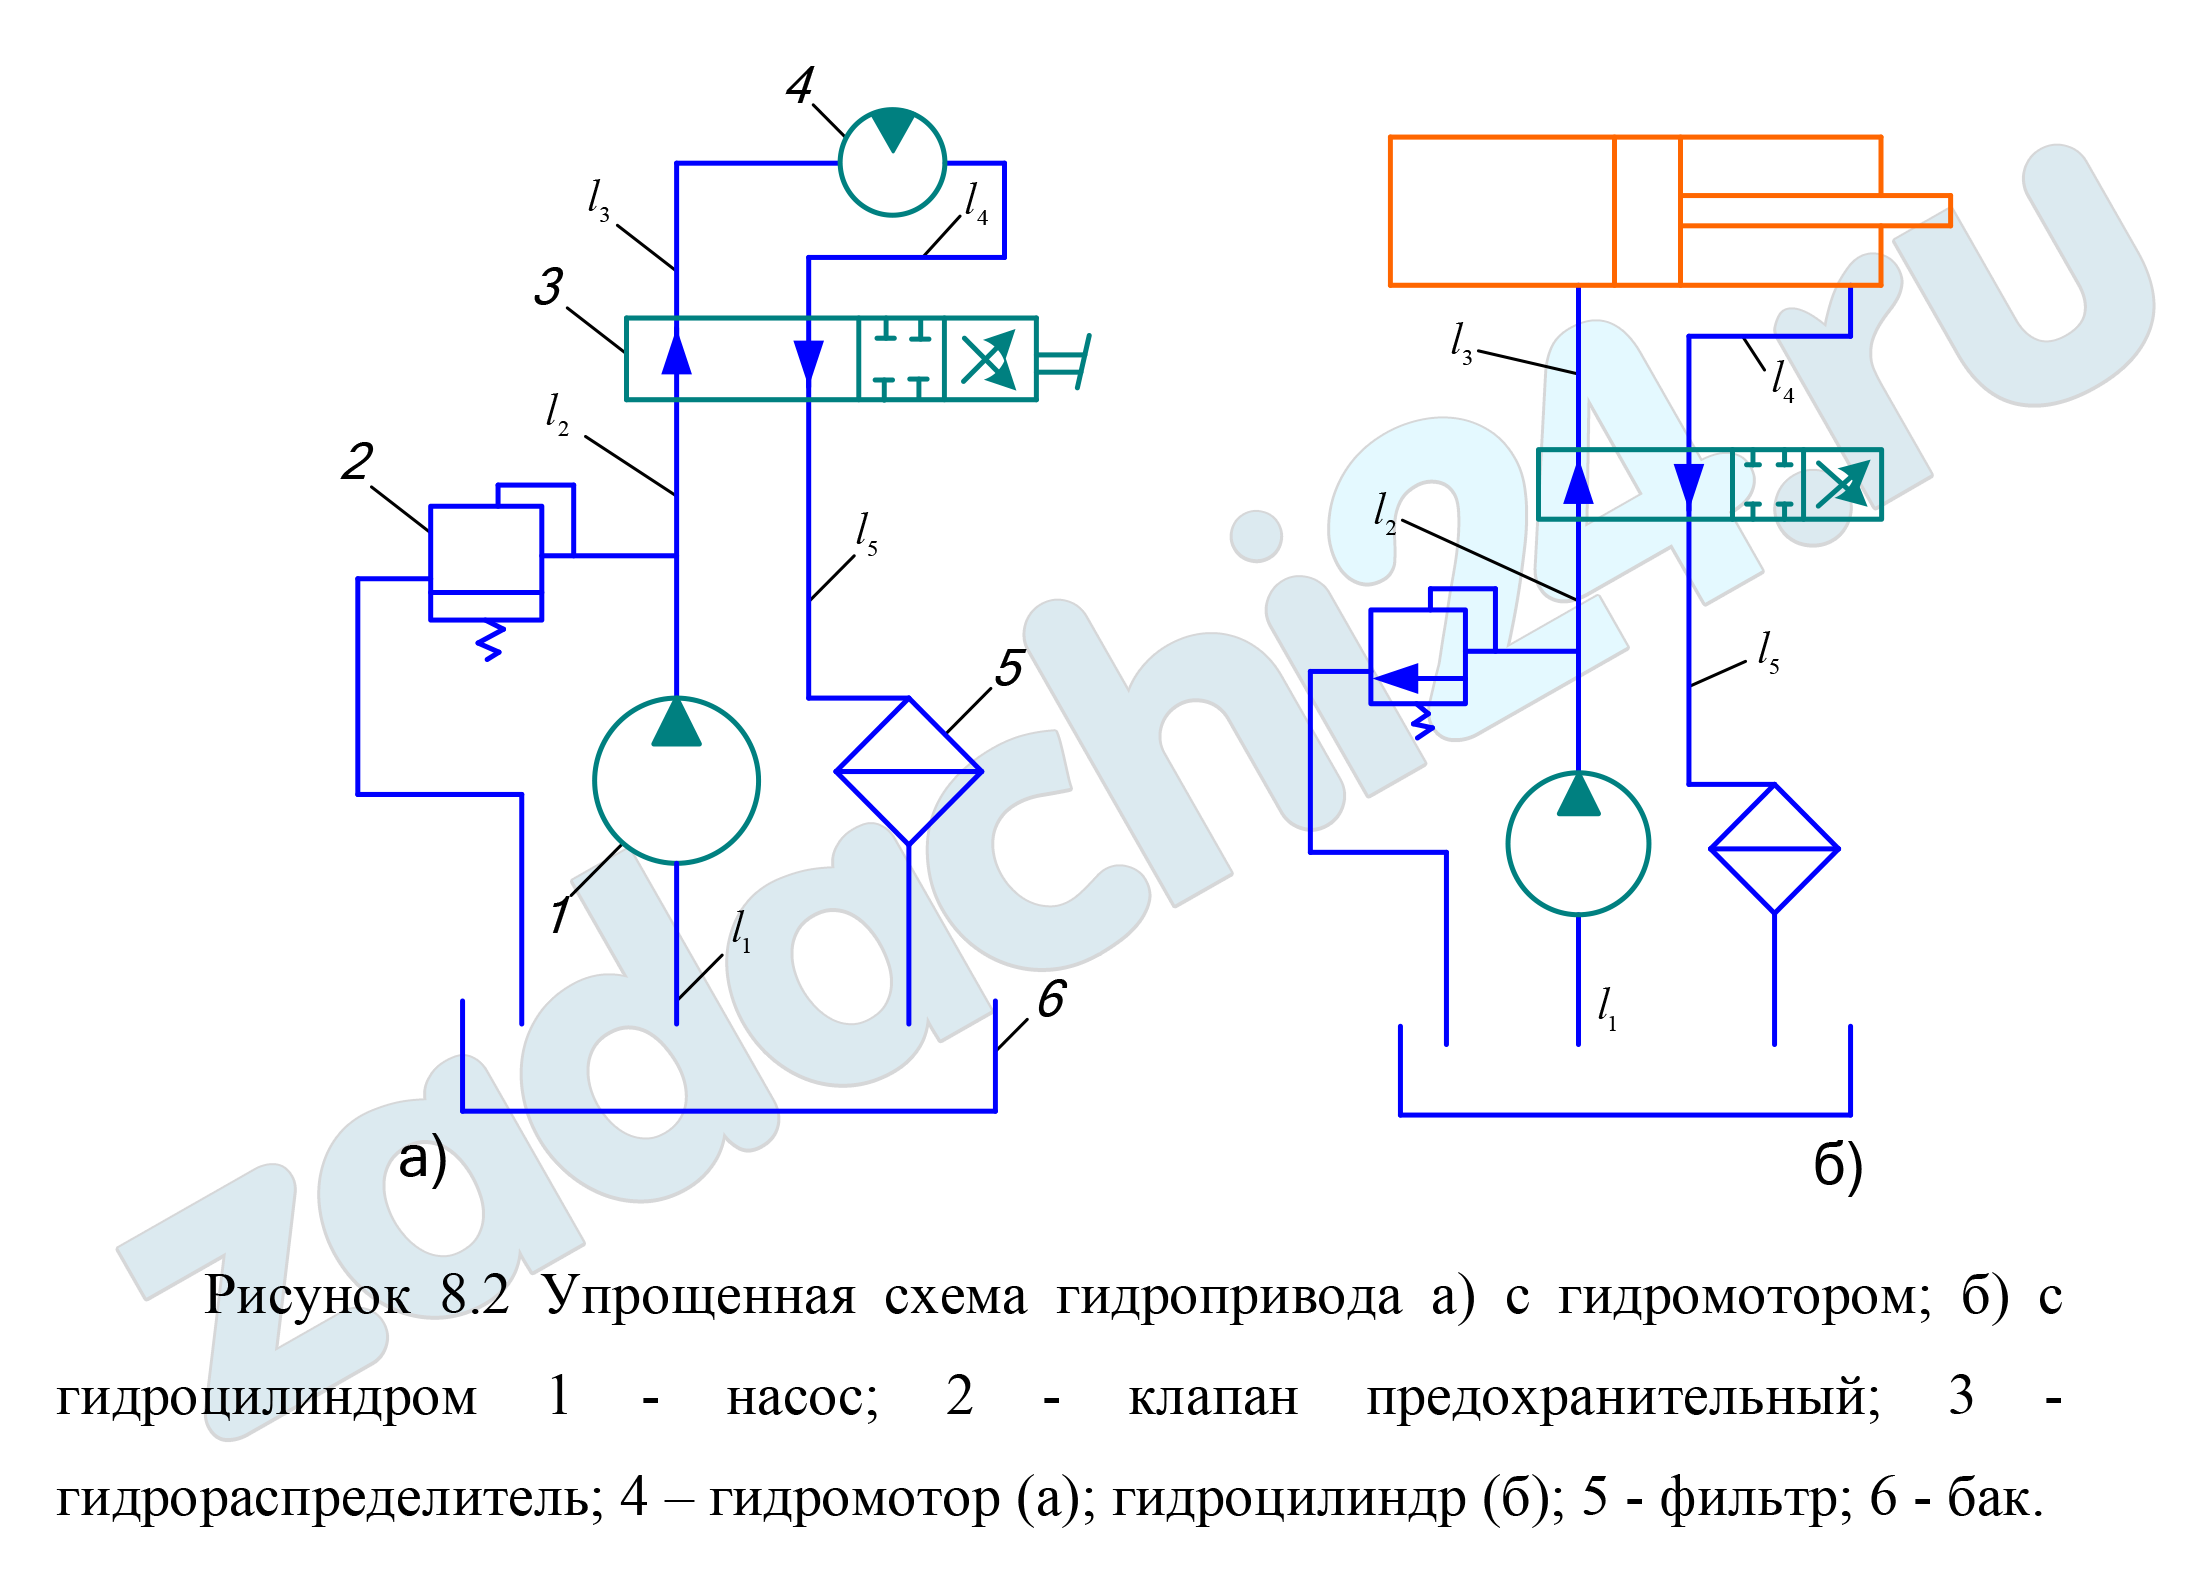 На основании упрощенной схемы гидропривода (рис.8.2) определить рабочее давление и расход заданного гидродвигателя; выбрать диаметры трубопроводов и определить потери давления в них; определить подачу, давление, мощность насоса и общий КПД гидропривода. Принять потери давления в гидрораспределителе Δрр=0,3 МПа, в фильтре - Δрф=0,15 МПа; объемный и общий КПД: гидромотора -ηмо=0,95 и ηм=0,90, гидроцилиндра - ηцо=1,0 и ηц=0,97, насоса - ηно=0,94 и ηн=0,85. Исходные данные к решению задачи приведены в таблице 8.1.